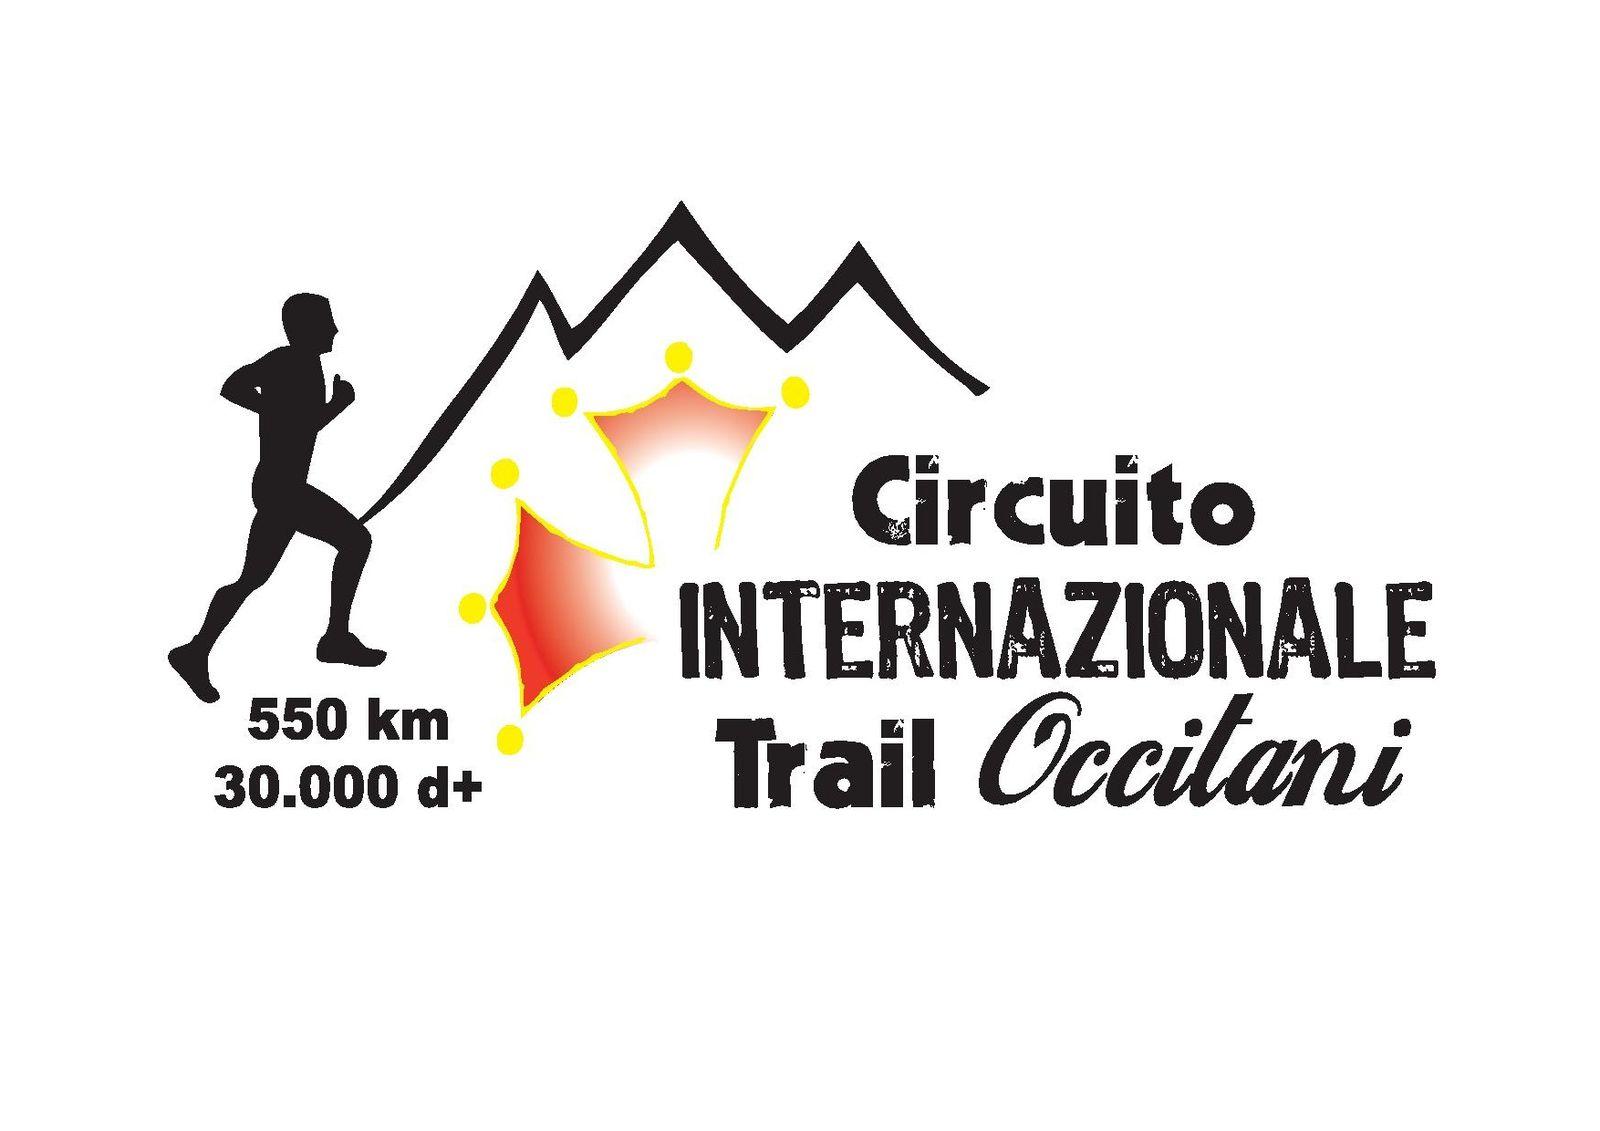 Circuito Internazionale Il Sagittario : Circuito internazionale dei trail occitani ^ ed